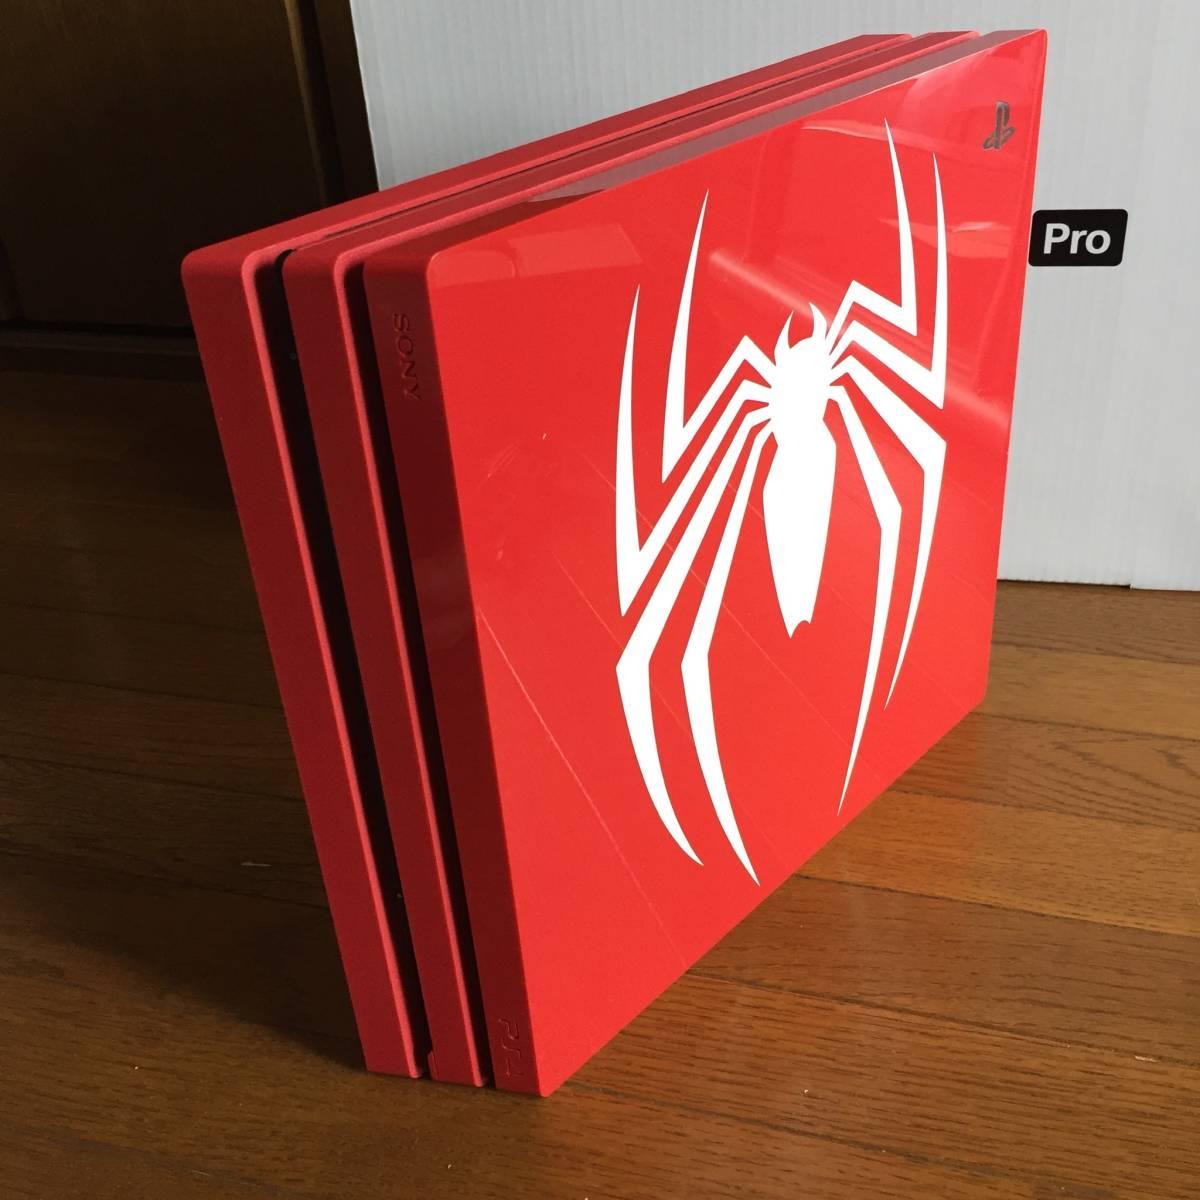 PS4 pro スパイダーマン 本体 ソフト欠品 レッド 赤 プロ 1TB 【1000円からスタート】_画像5